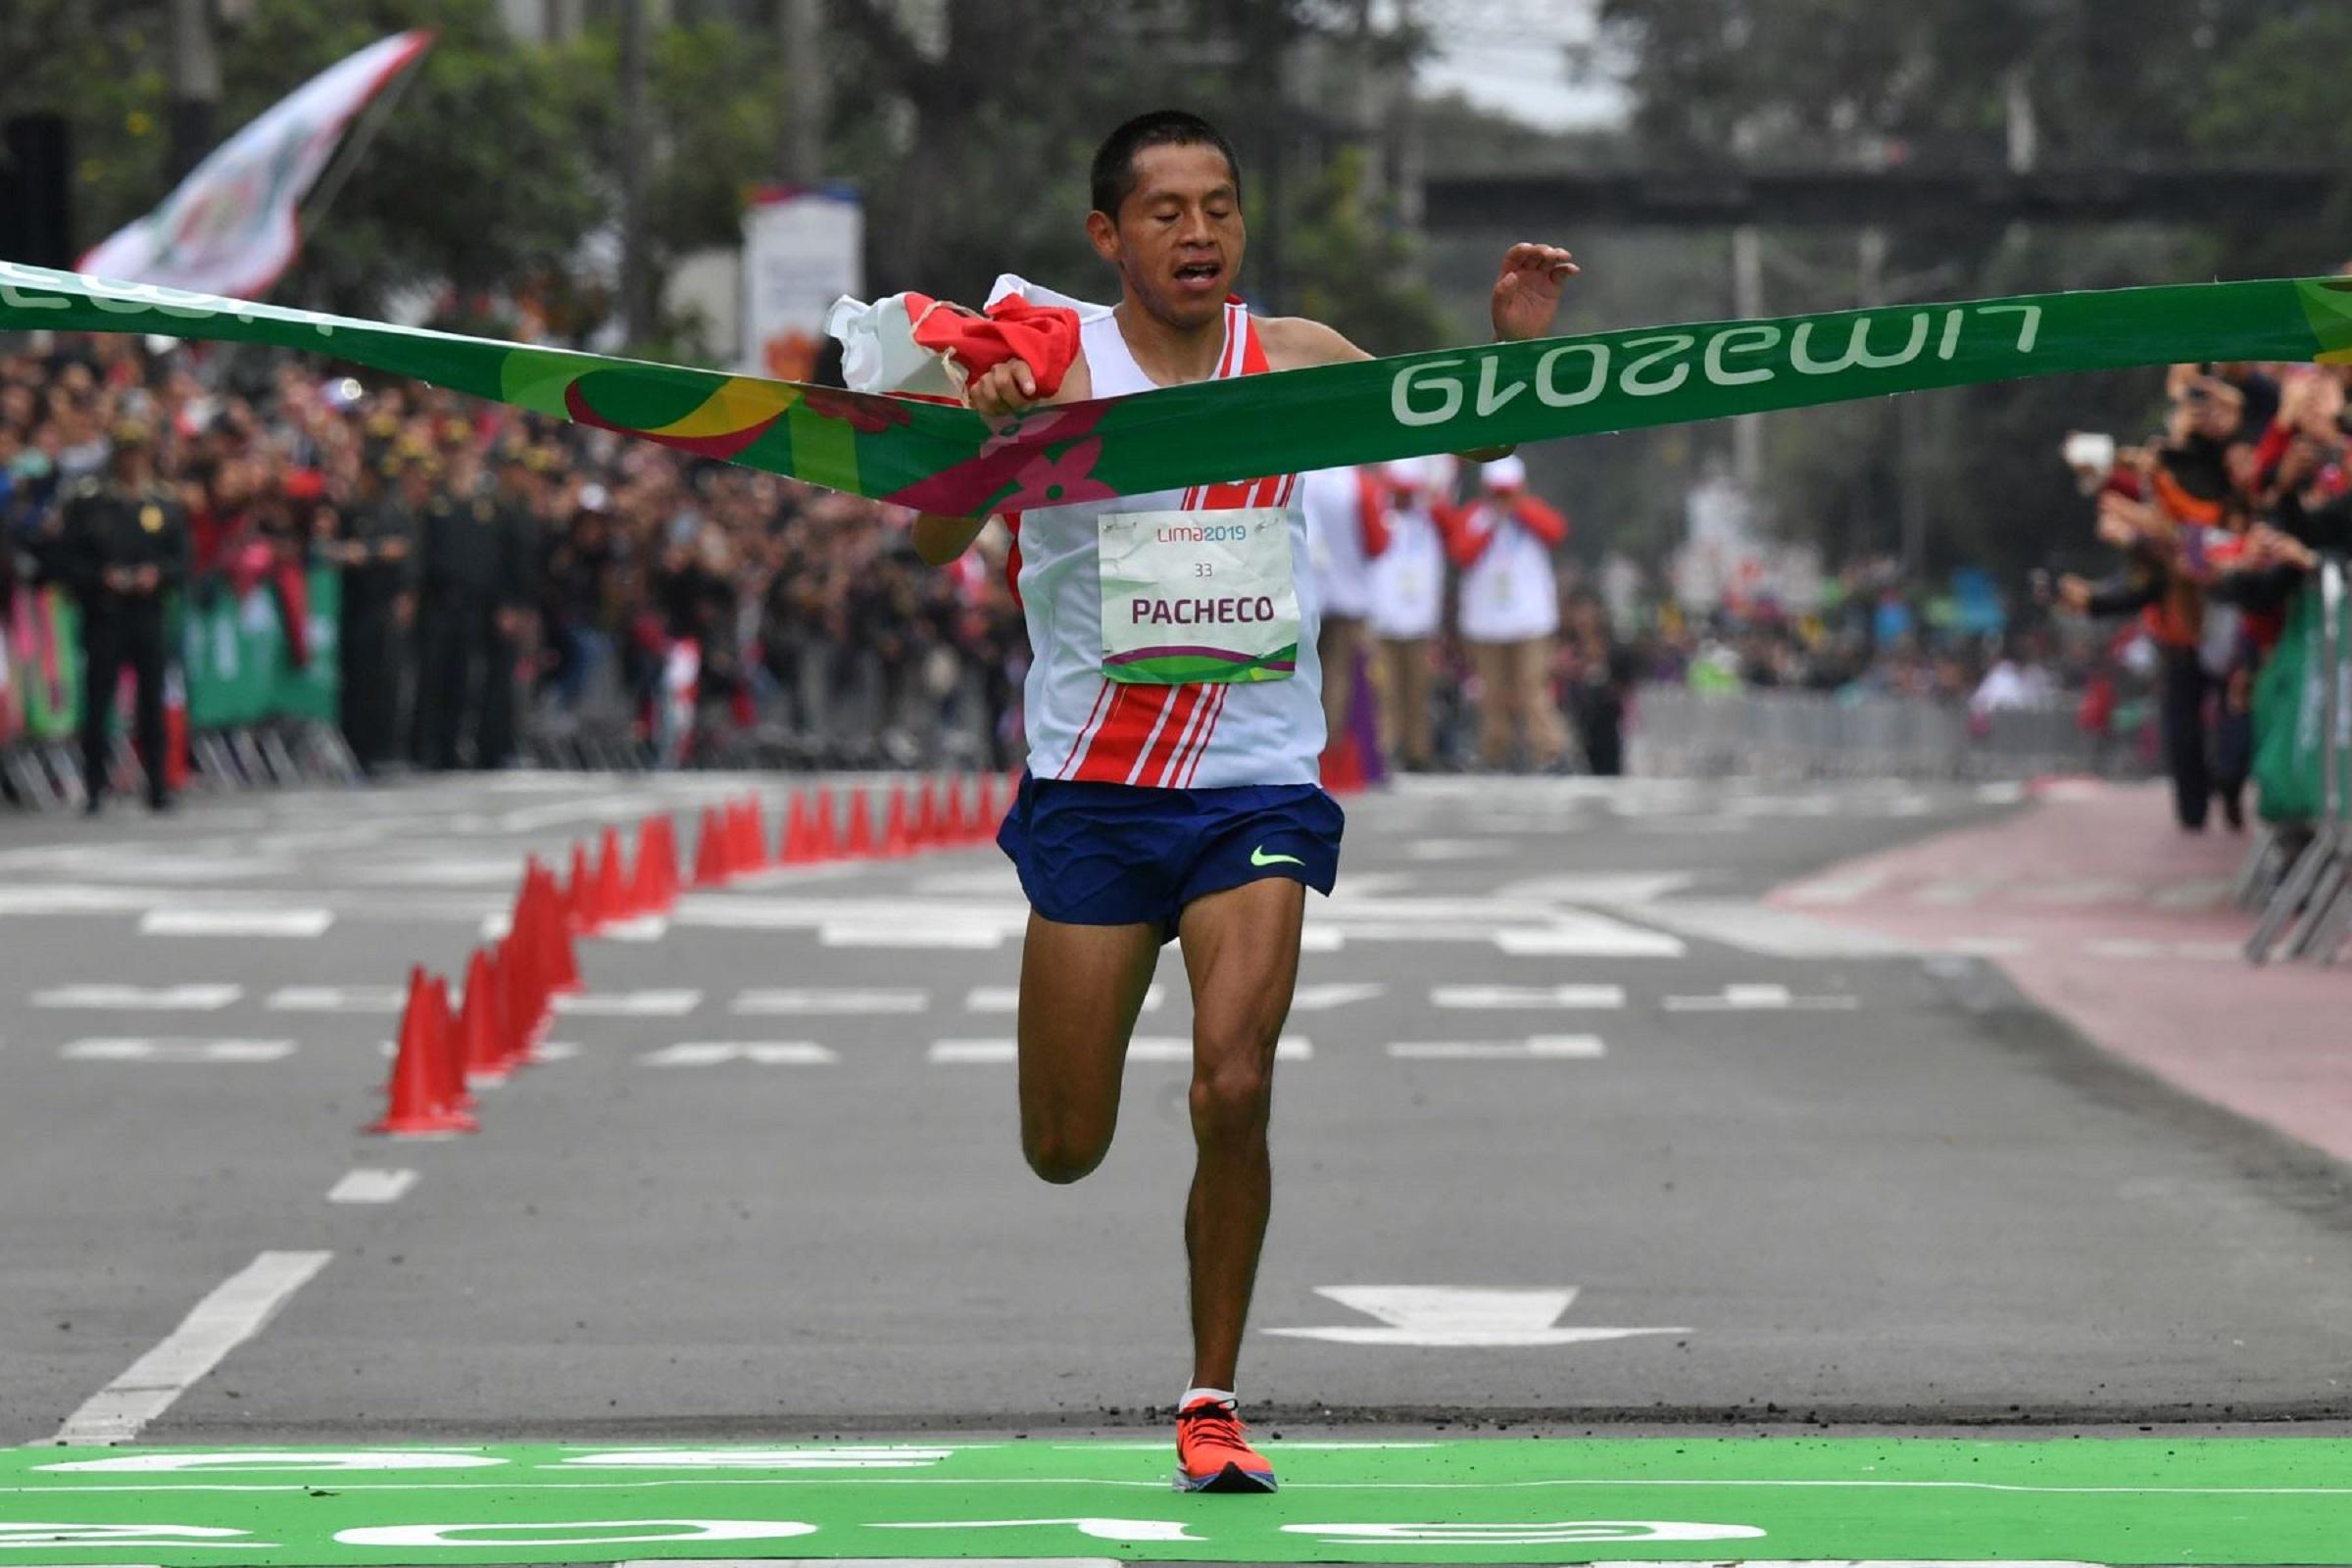 Christian Pacheco gana segunda medalla de oro para el Perú en los Juegos Panamericanos Lima 2019